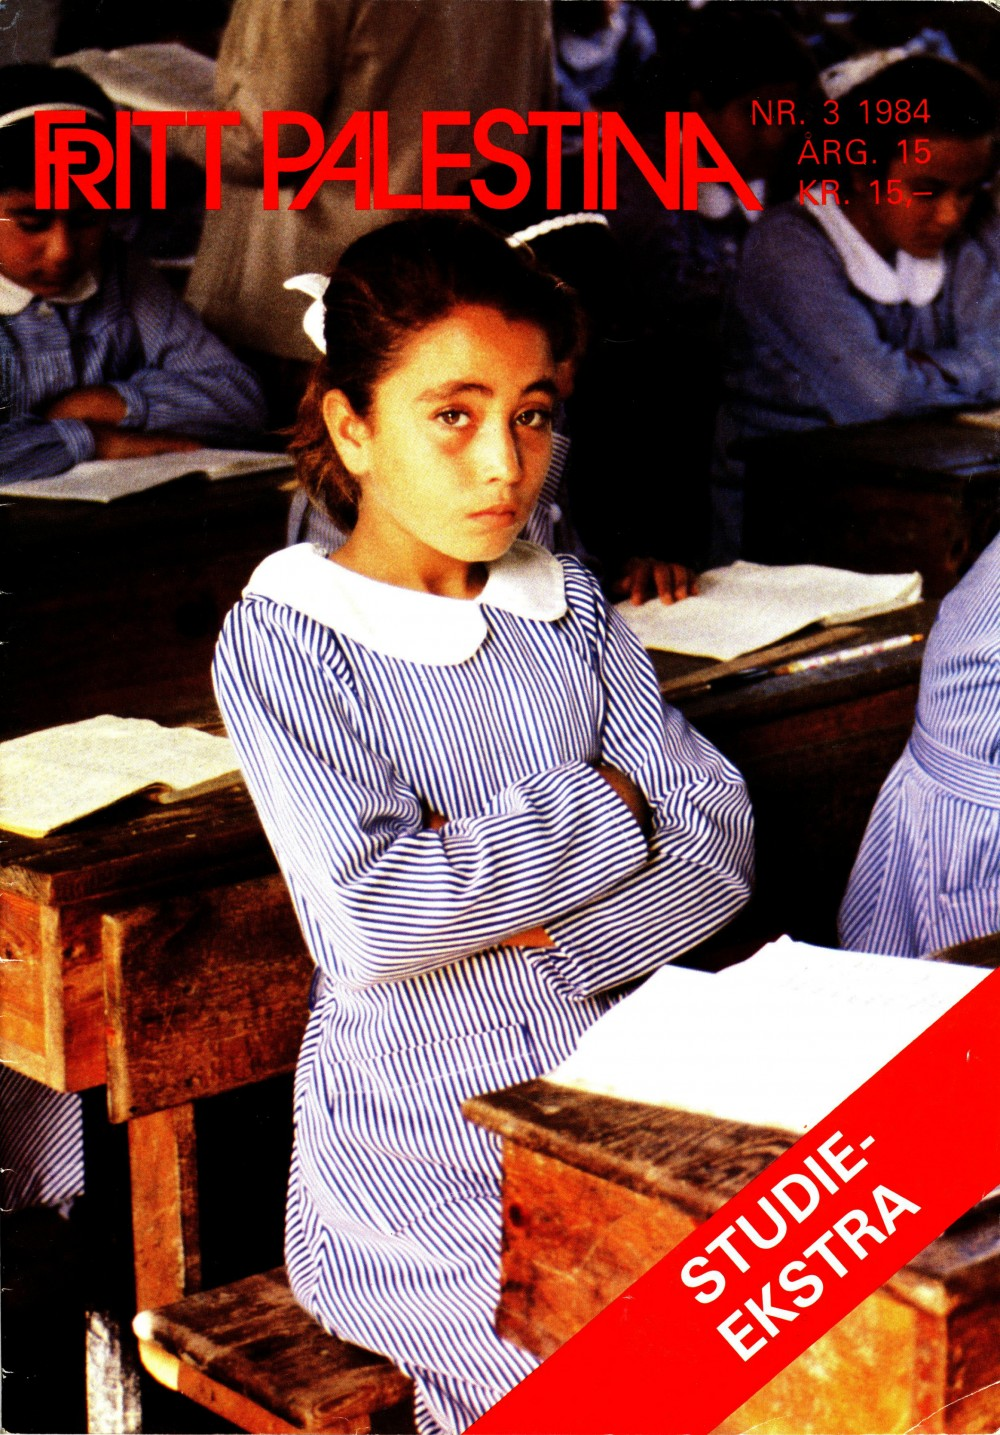 Fritt Palestina - nr. 3 1984